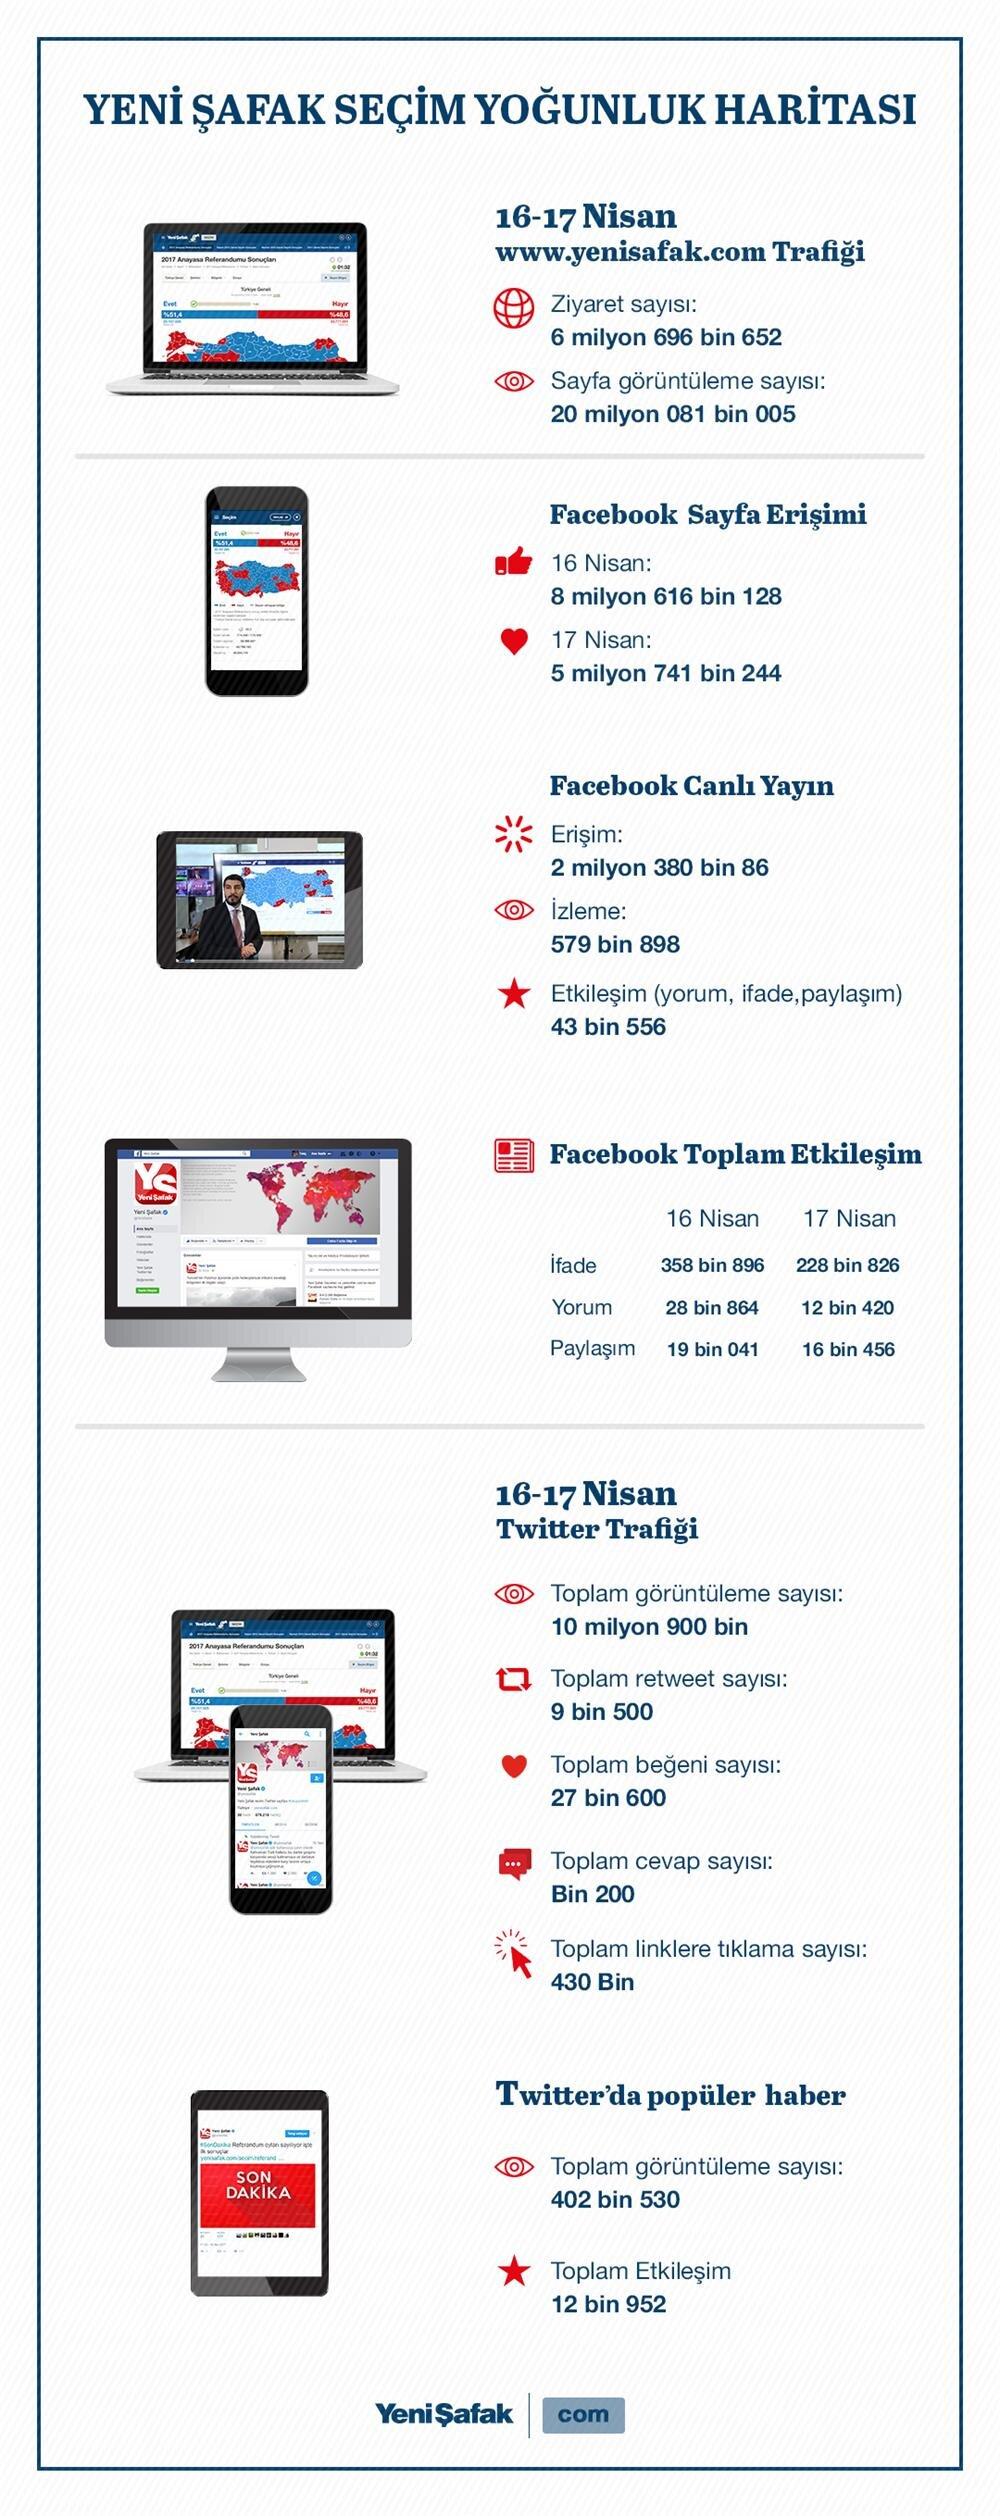 Türkiye seçimi Yeni Şafak'tan takip etti